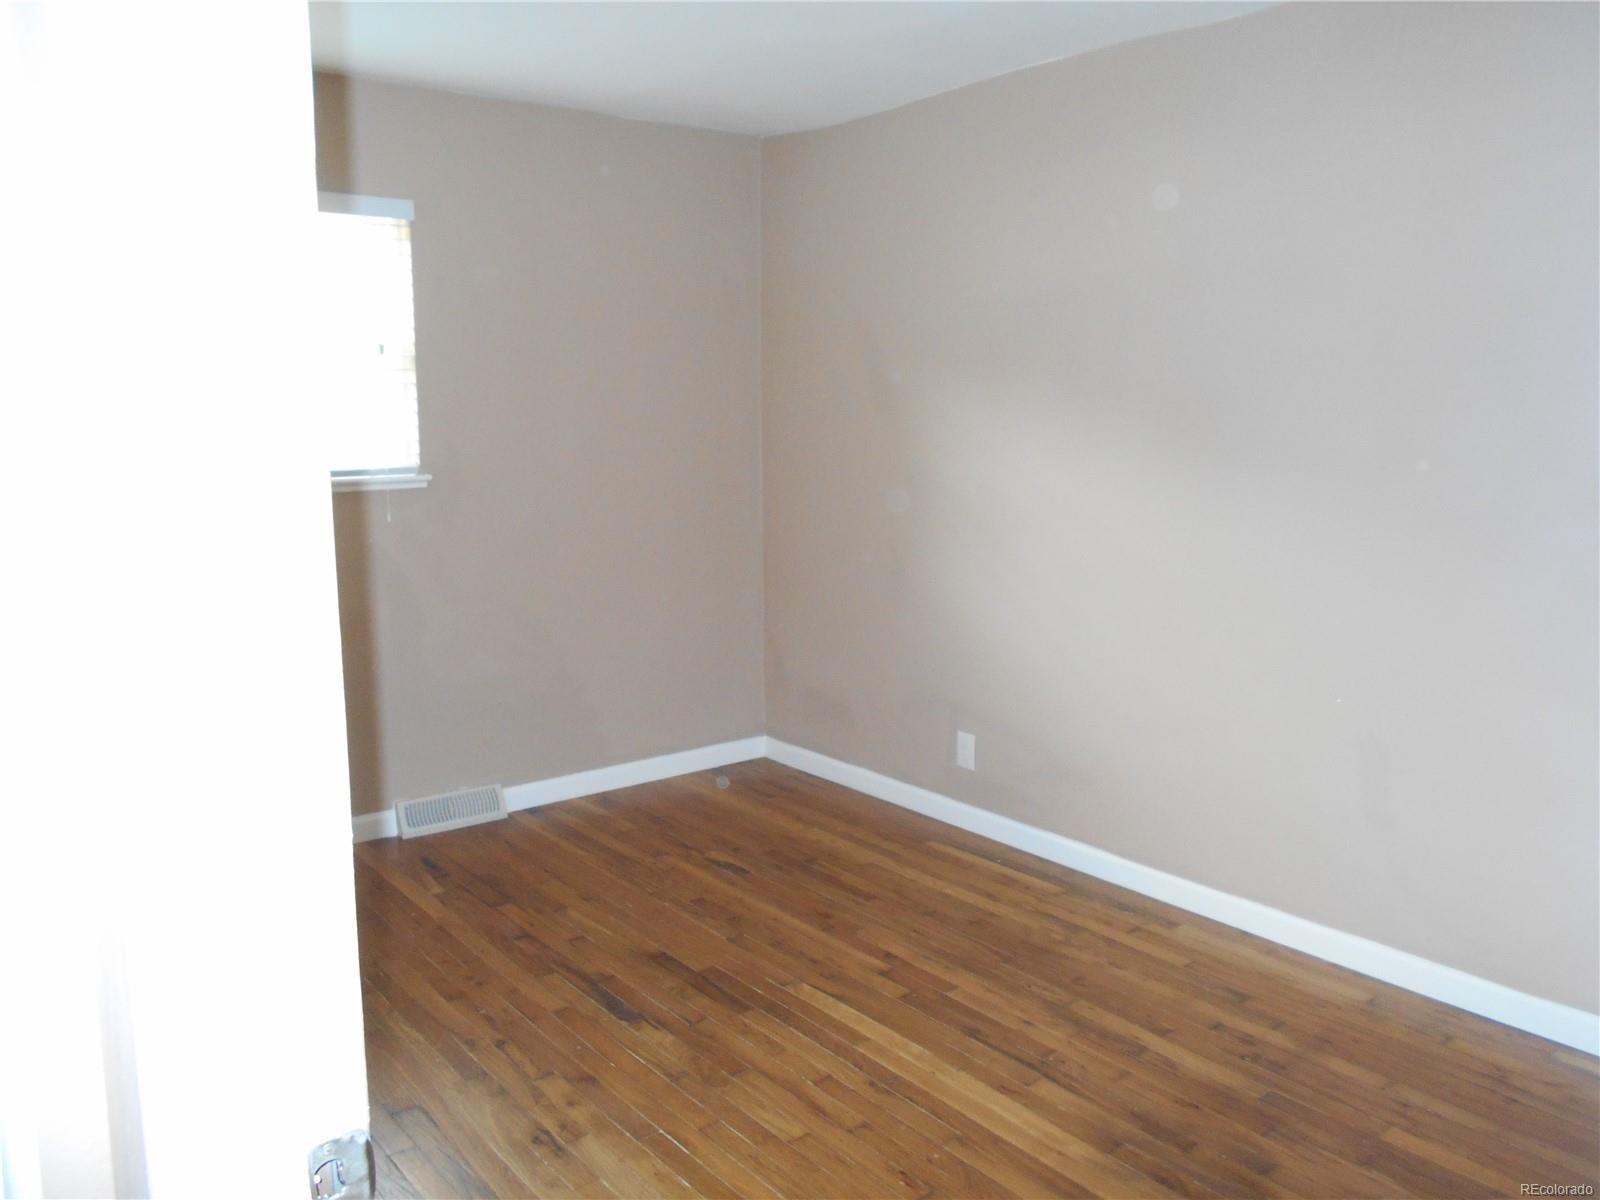 MLS# 7620940 - 9 - 166 S Kendall Street, Lakewood, CO 80226